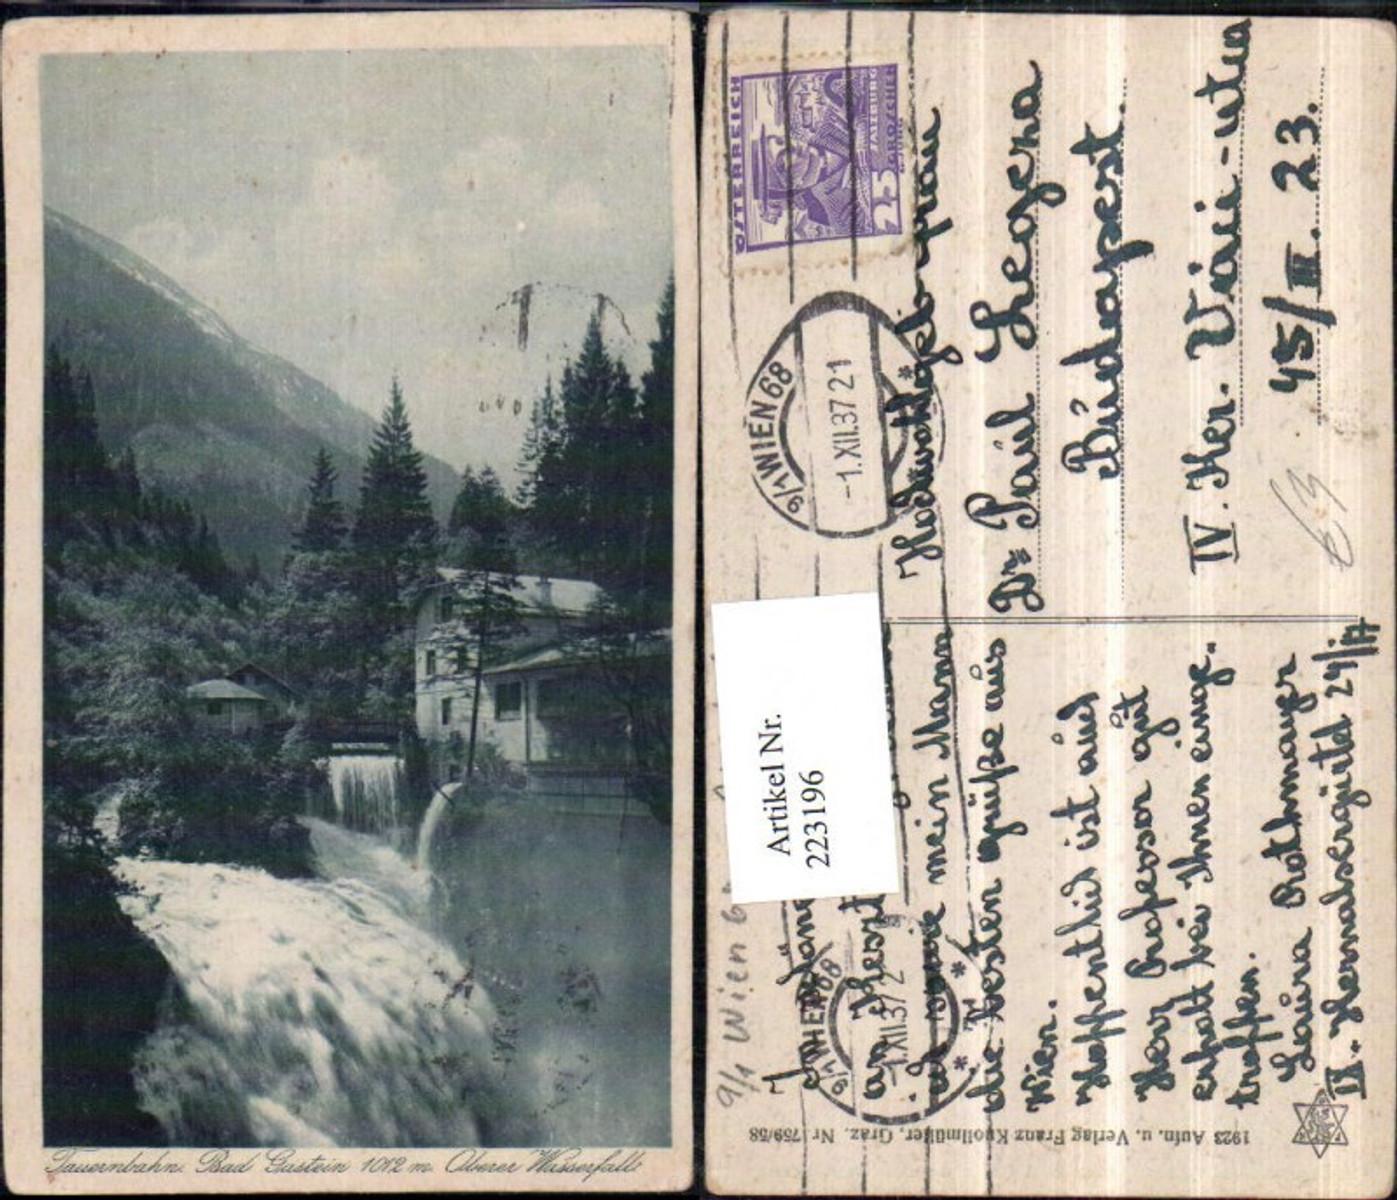 223196,Tauernbahn Bad Gastein Oberer Wasserfall günstig online kaufen